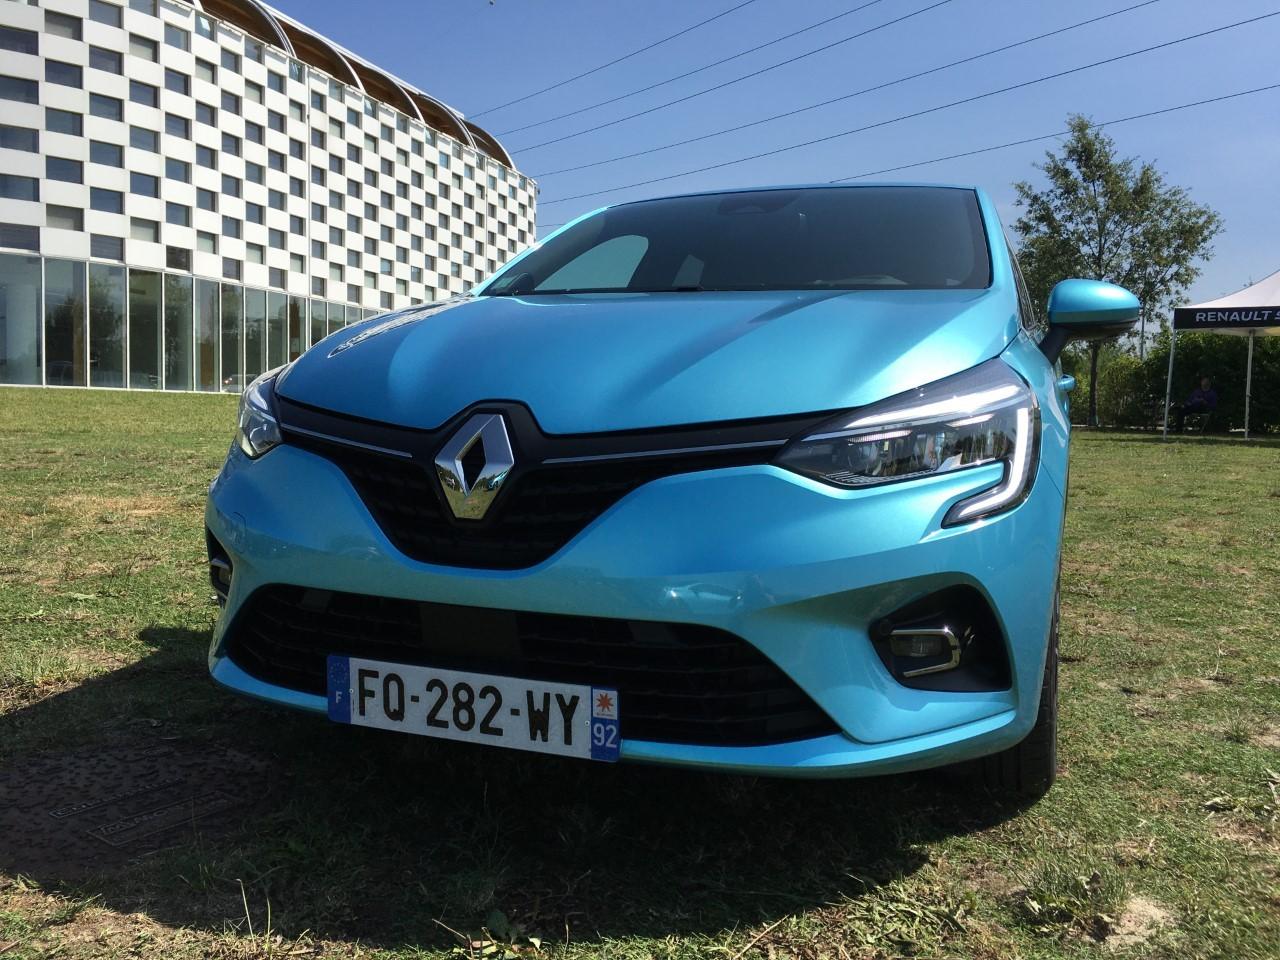 Renault E-Tech - Prova Arese - Luglio 2020